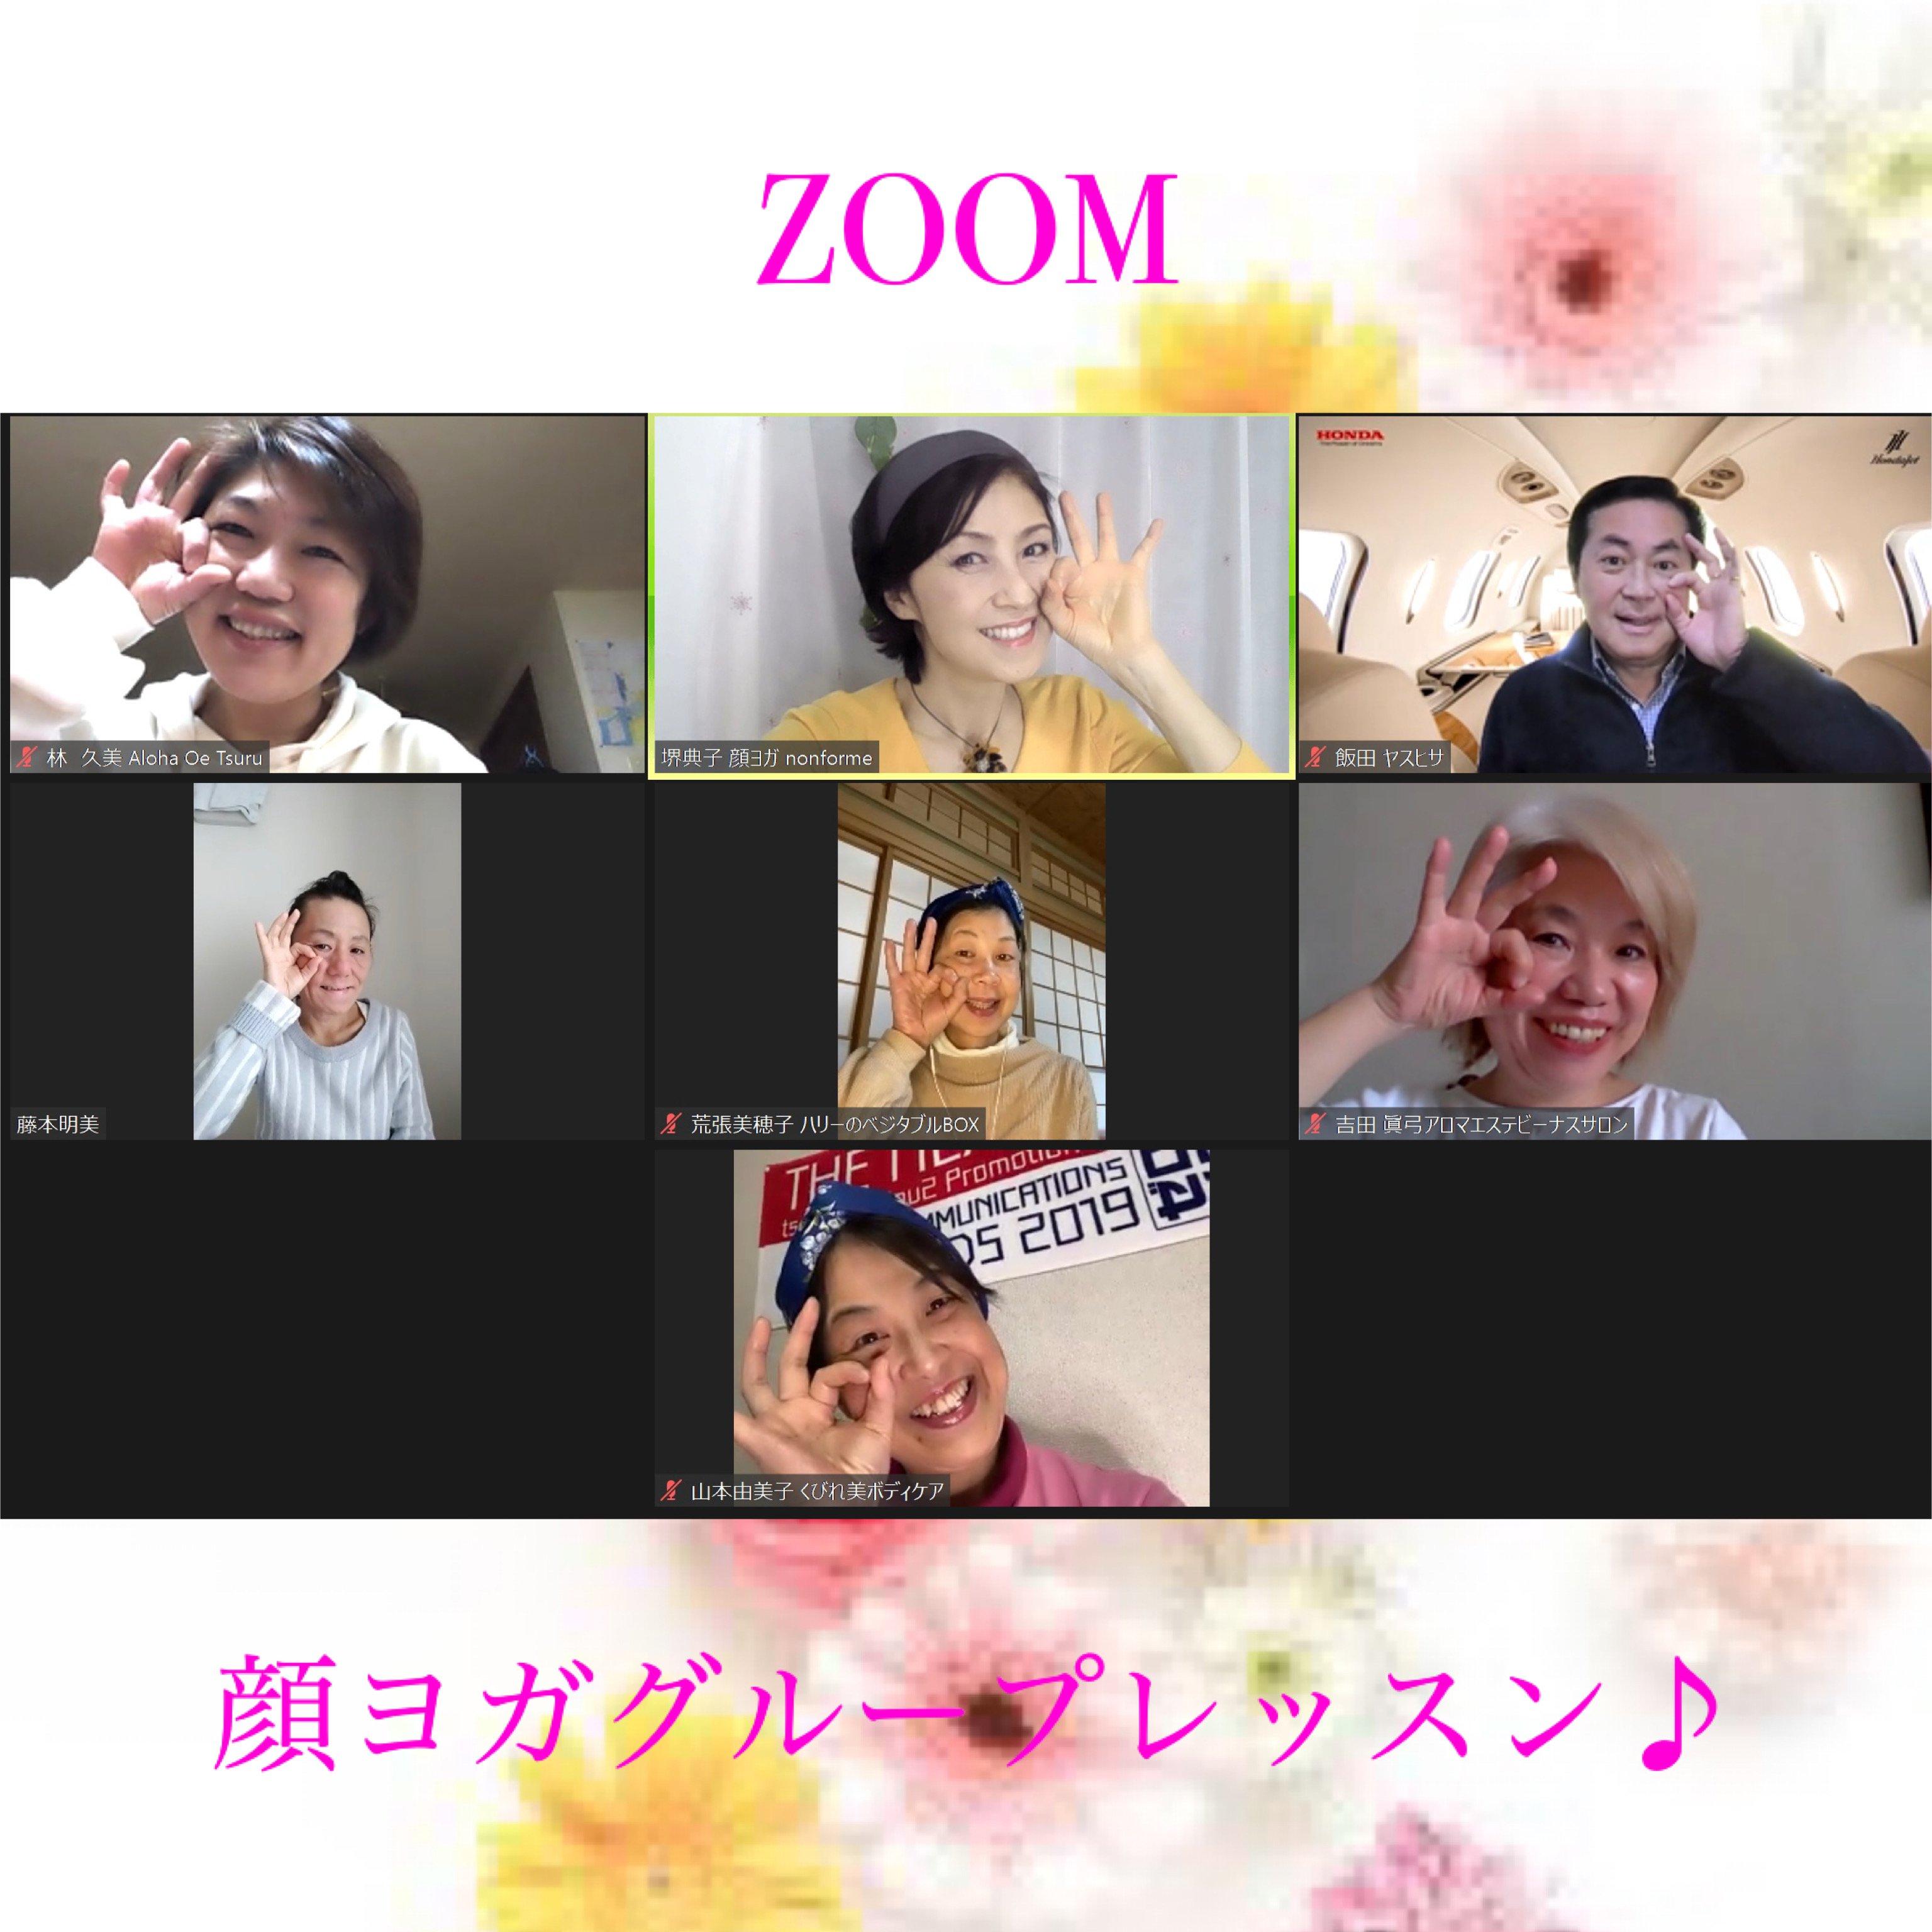 4/24(土)10:30 zoomズーム顔ヨガ・目ヂカラアップ!疲れ目さよなら♪オンライングループレッスンのイメージその3